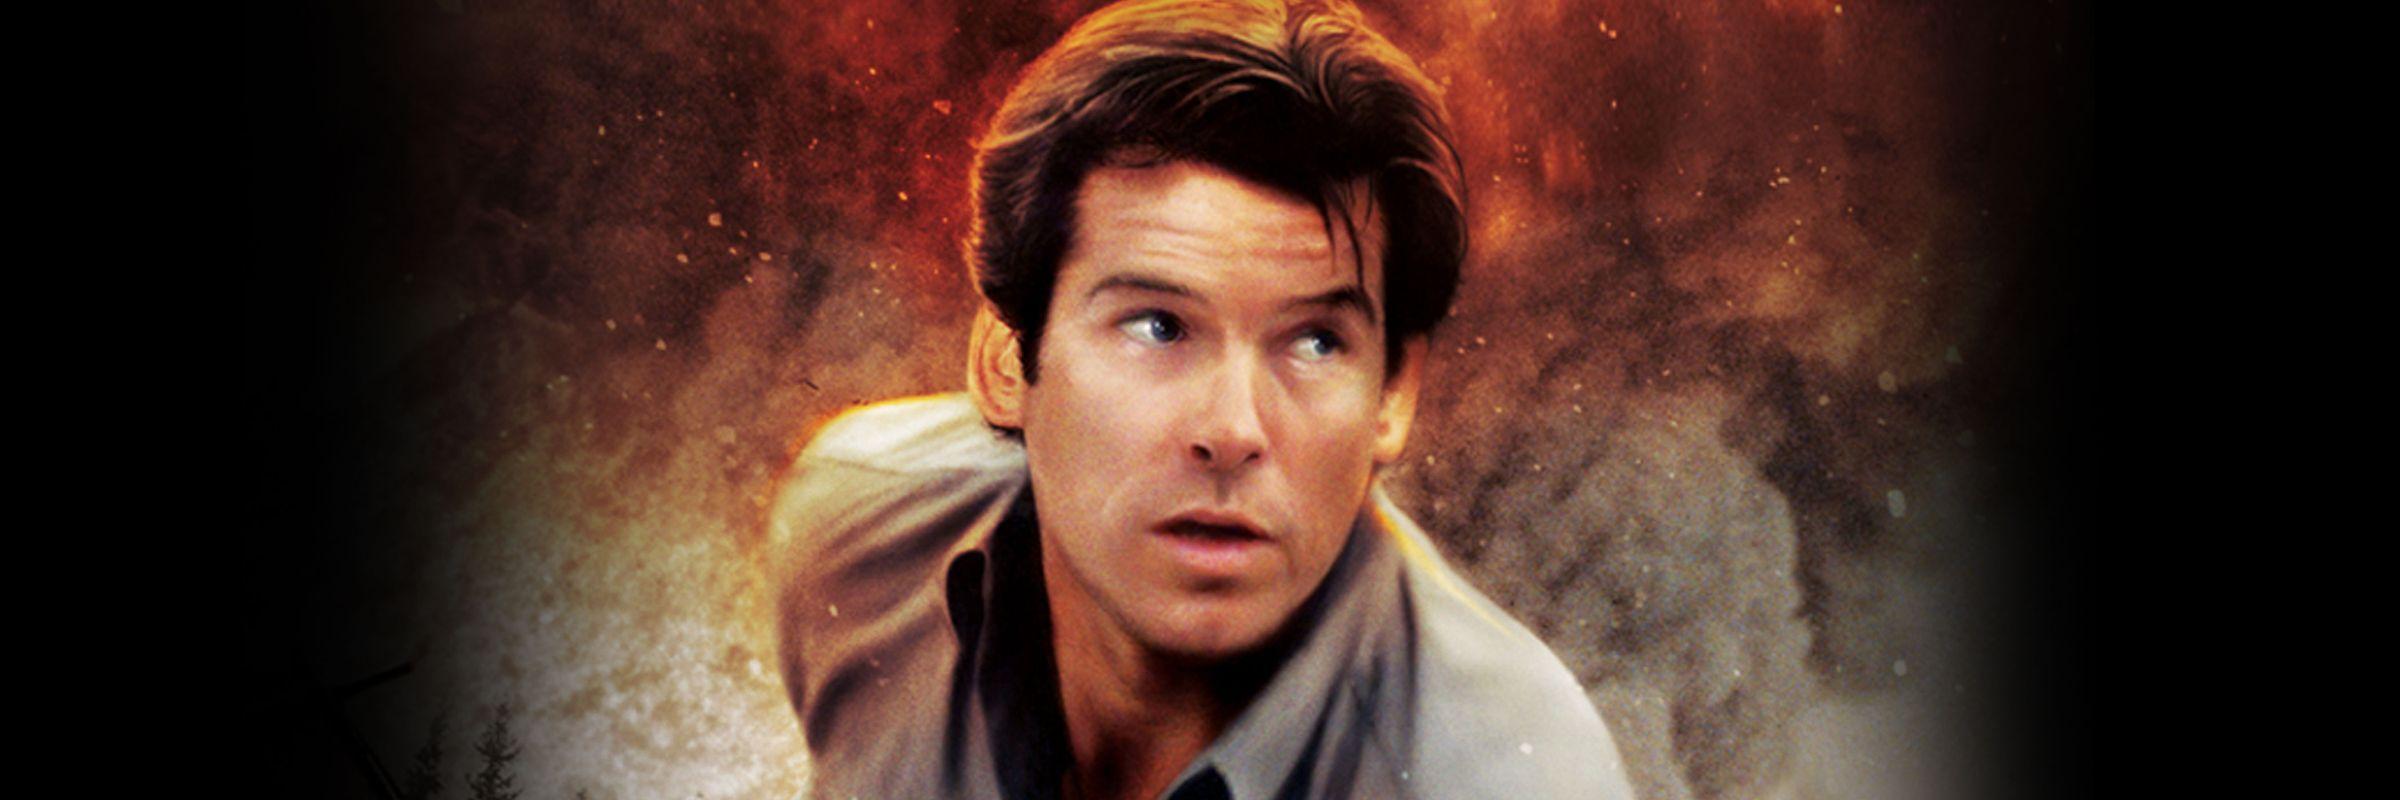 Dante S Peak Full Movie Movies Anywhere